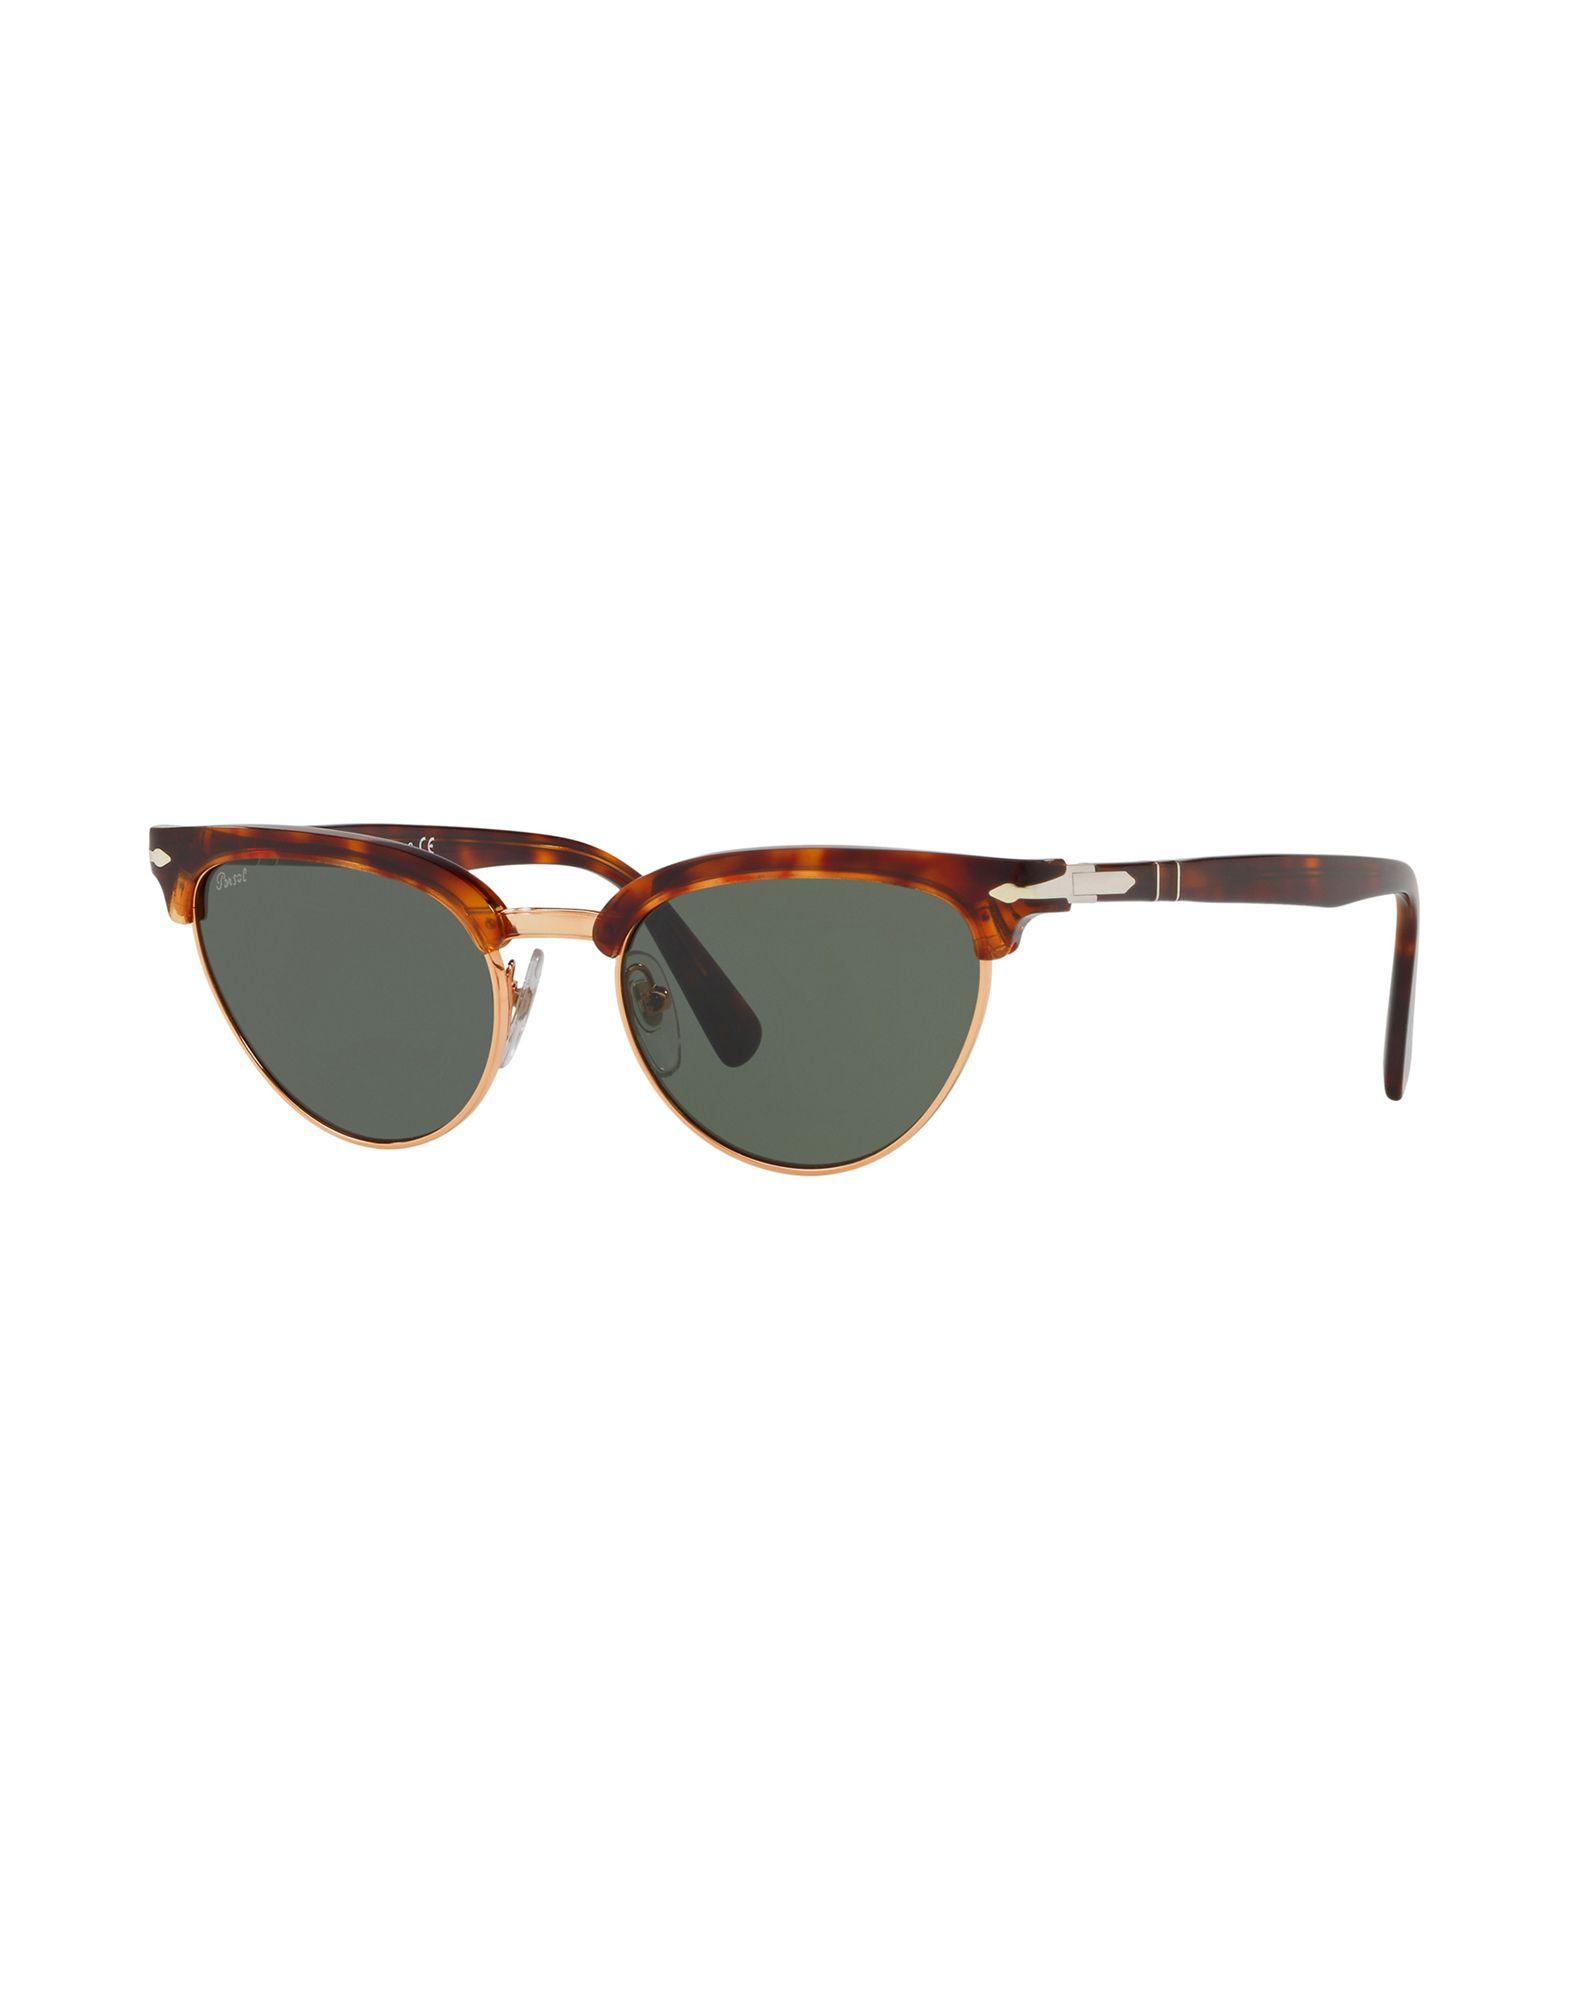 4ba505d011 Persol Women - Sunglasses - Shop Online at YOOX